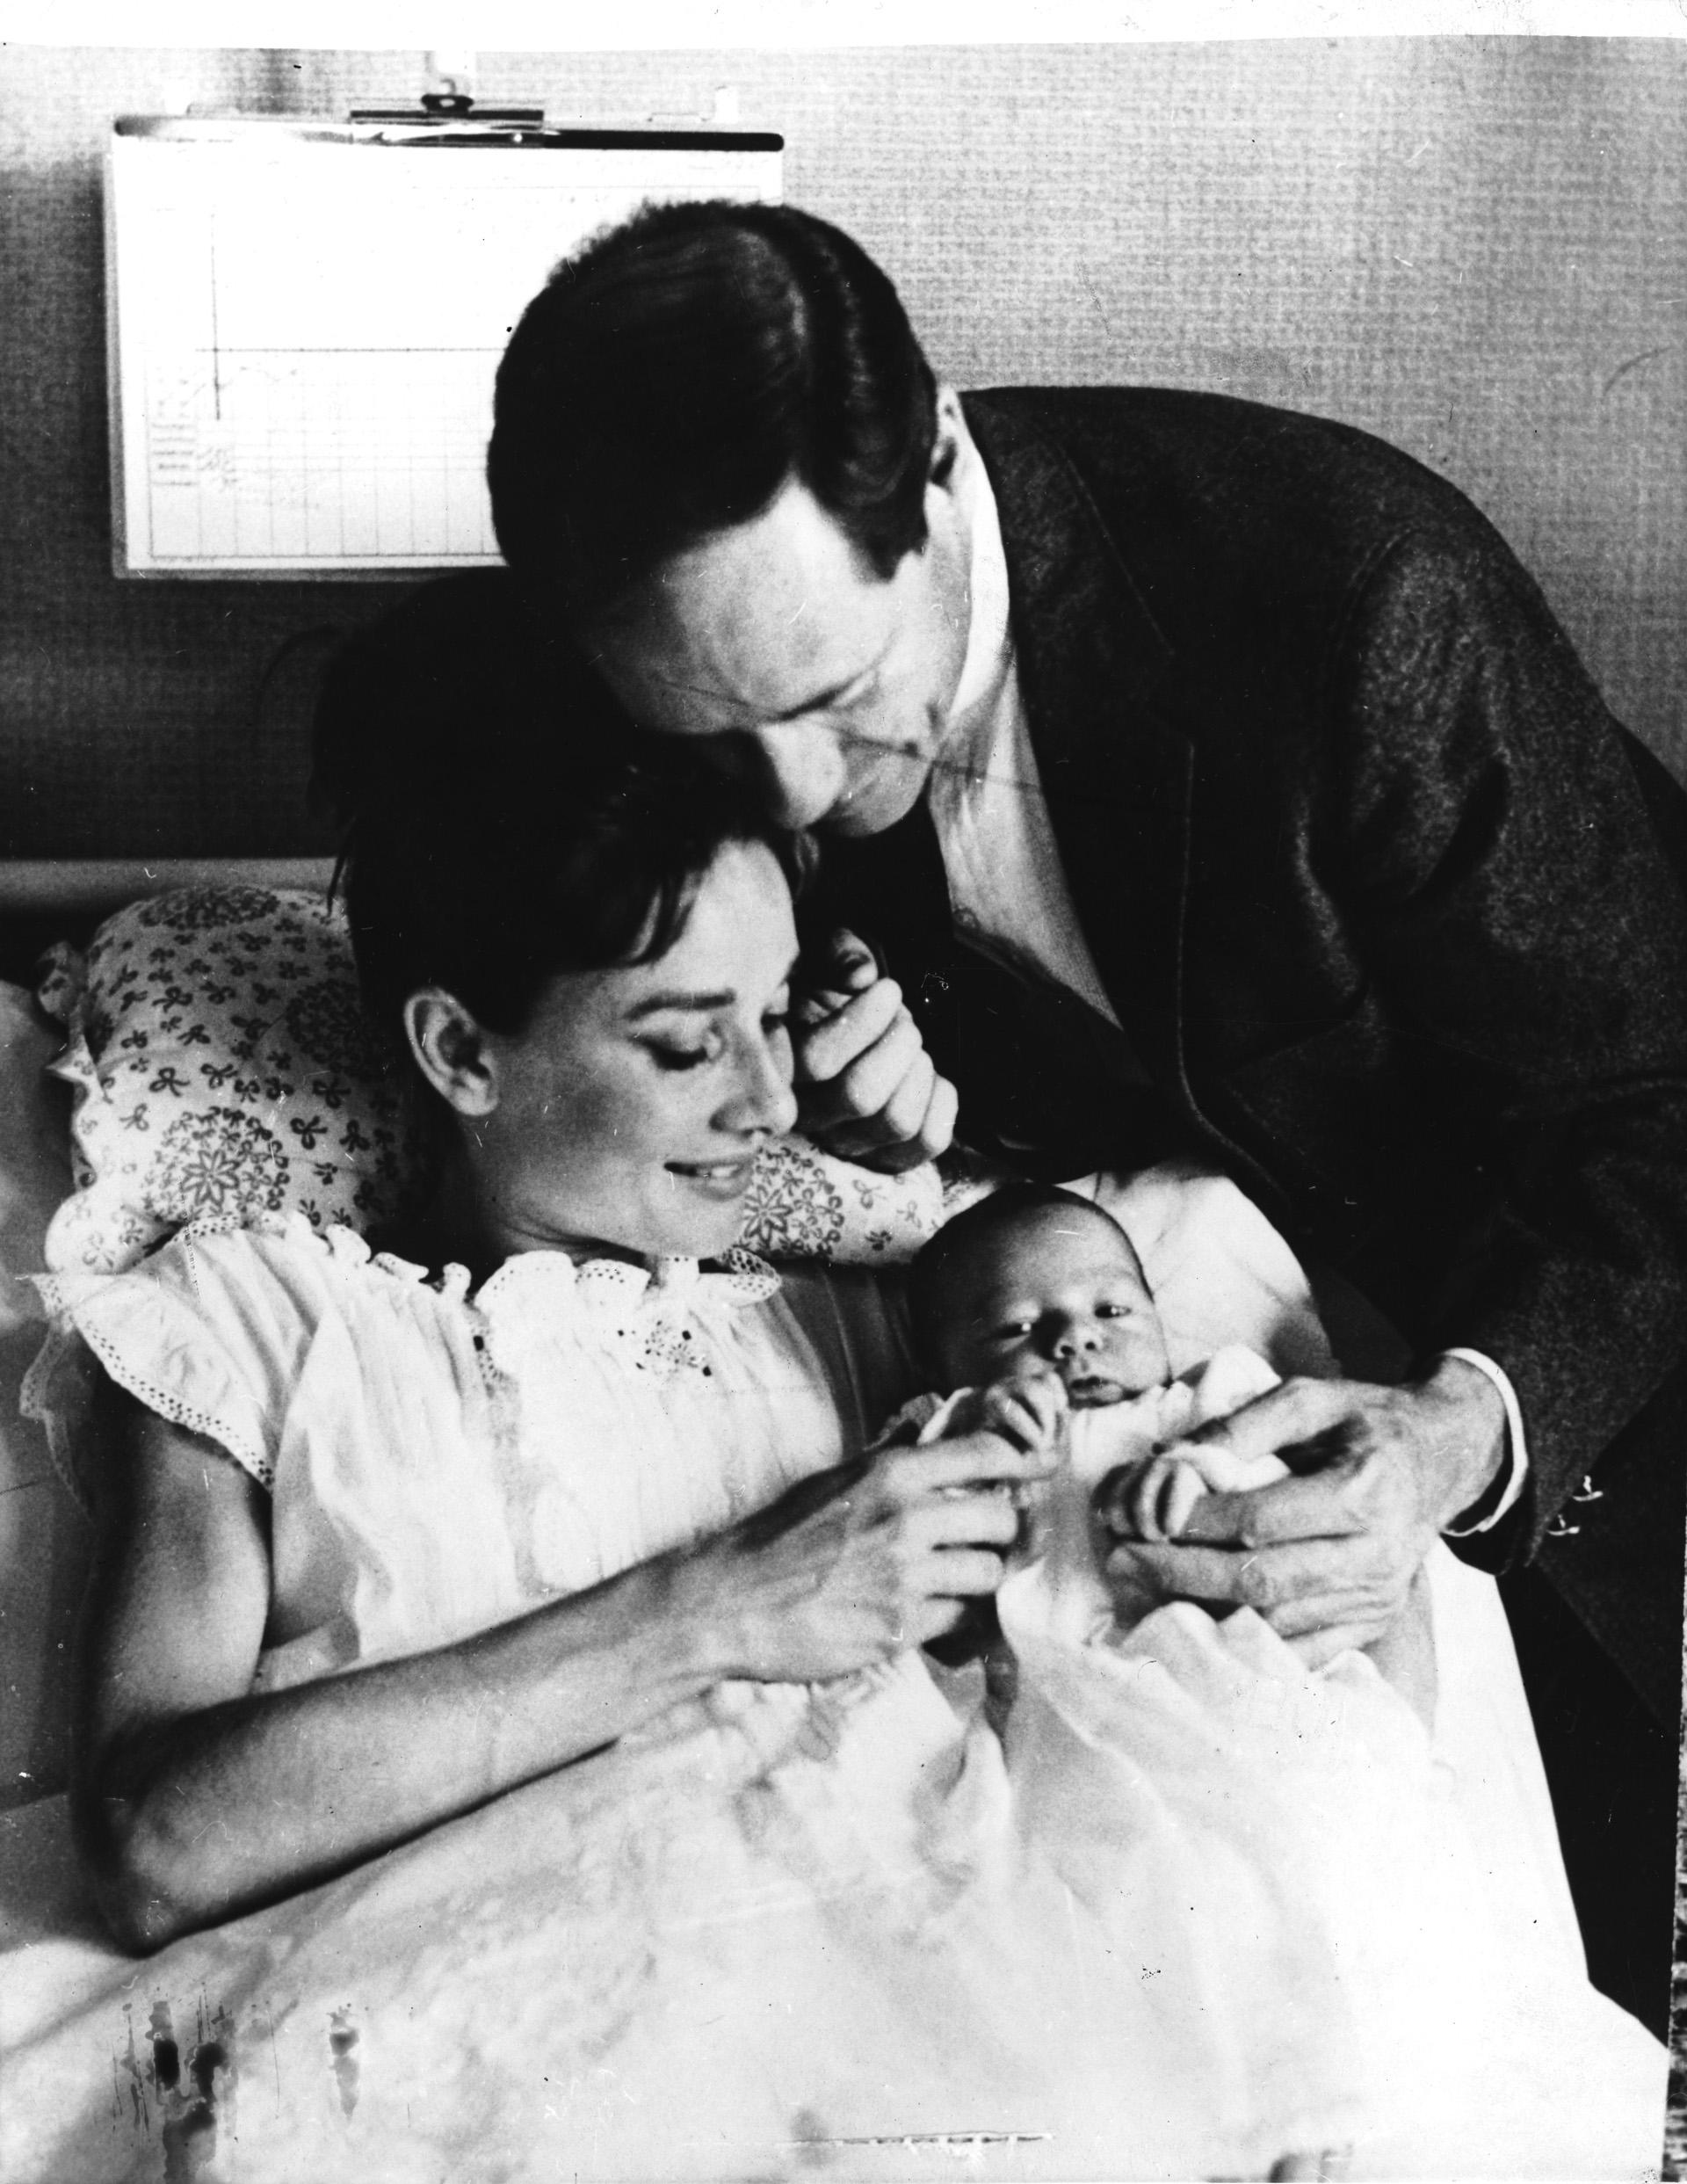 Su primer matrimonio con Mel Ferrer duró catorce años y junto a él tuvo a su primer hijo, Sean (Central Press/Hulton Archive/Getty Images)